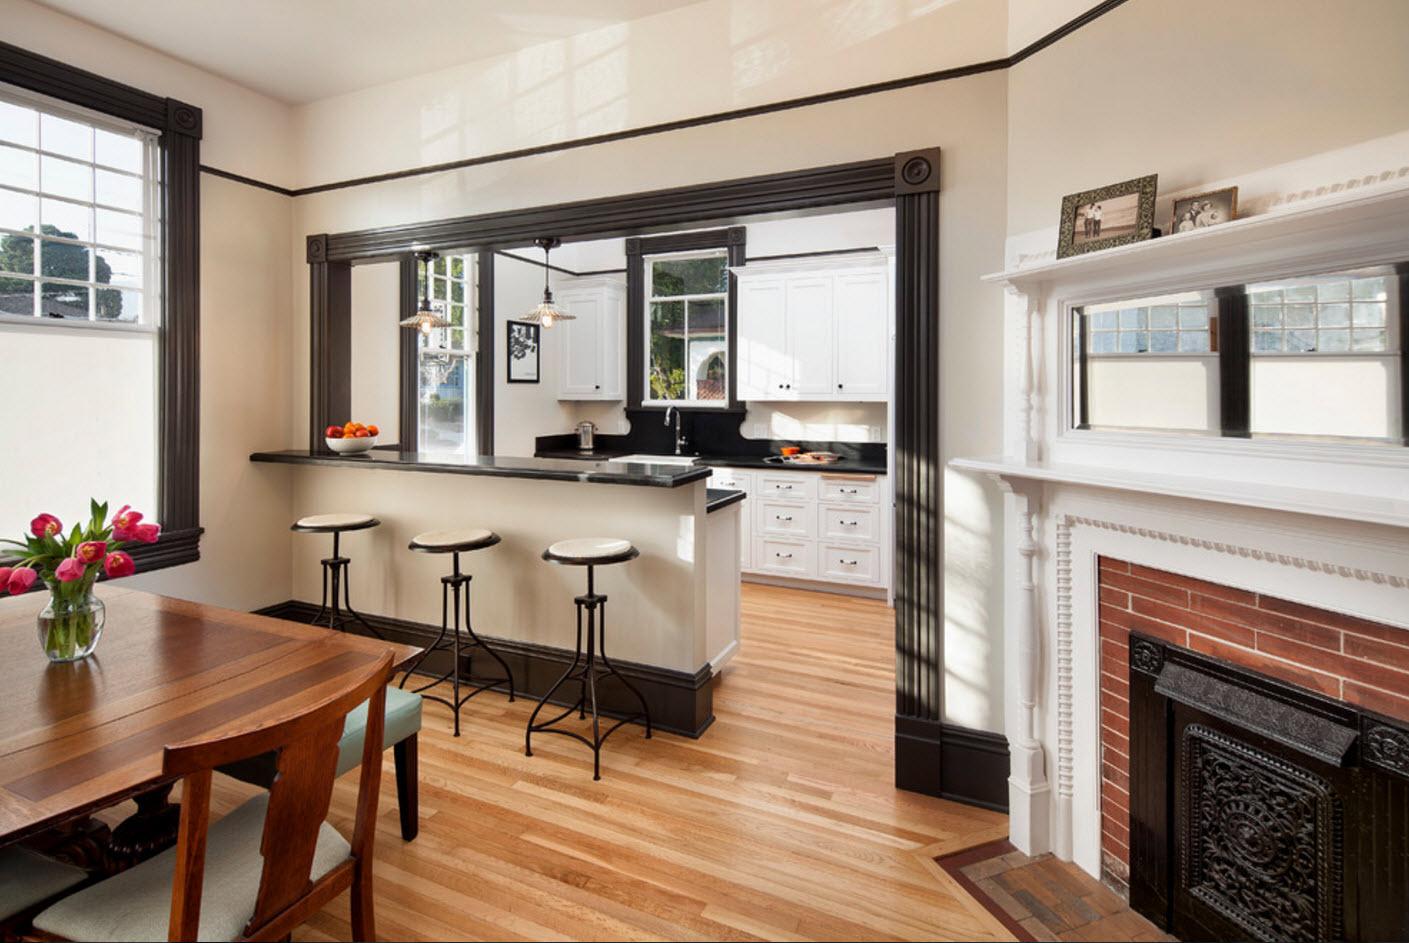 Кухня-гостиная: все «за» и «против» и 5 грамотных идей по реализации